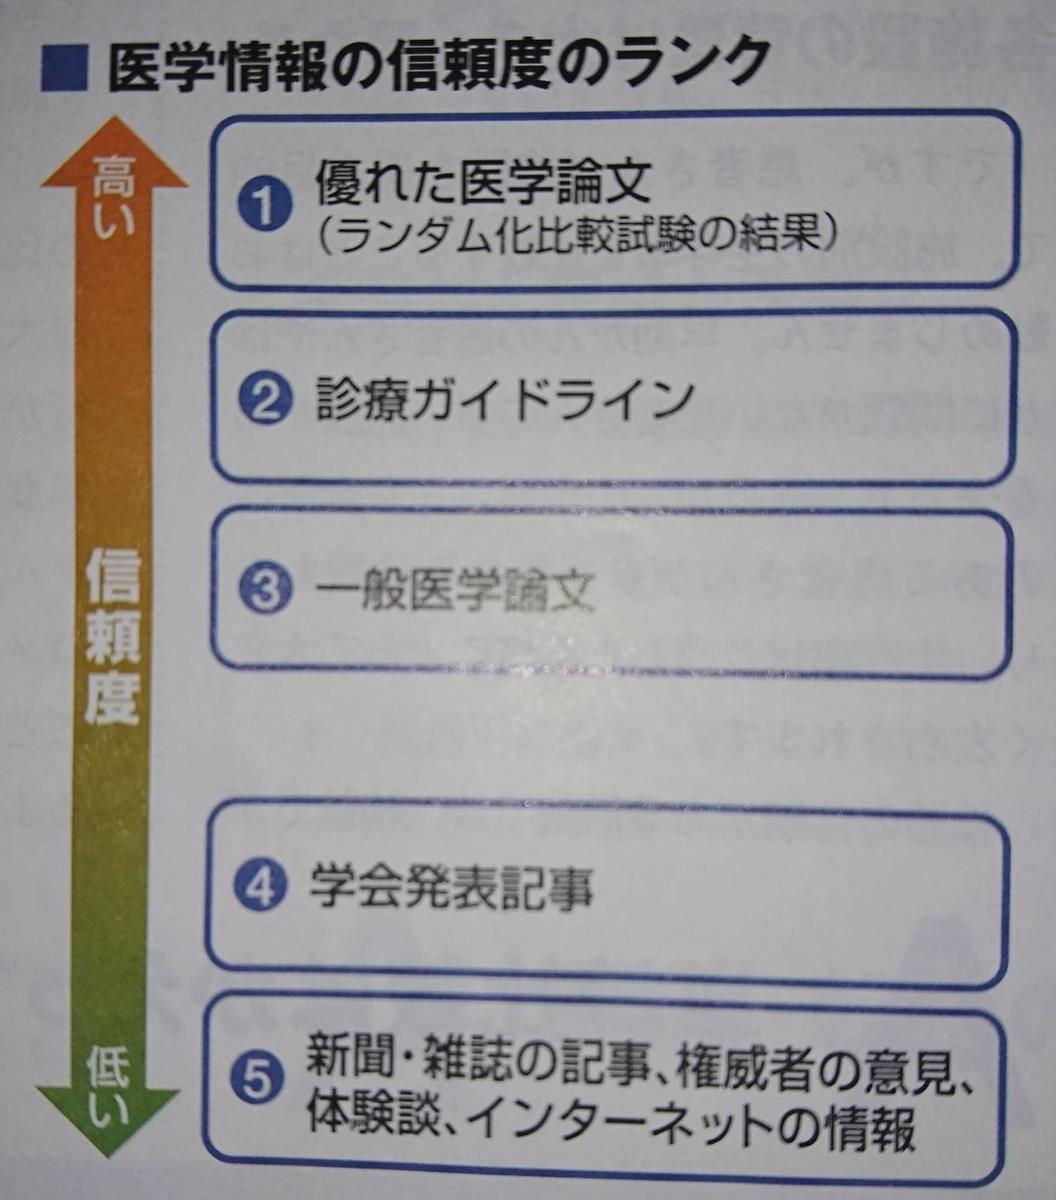 f:id:kazura-kobayashi:20200523145029j:plain